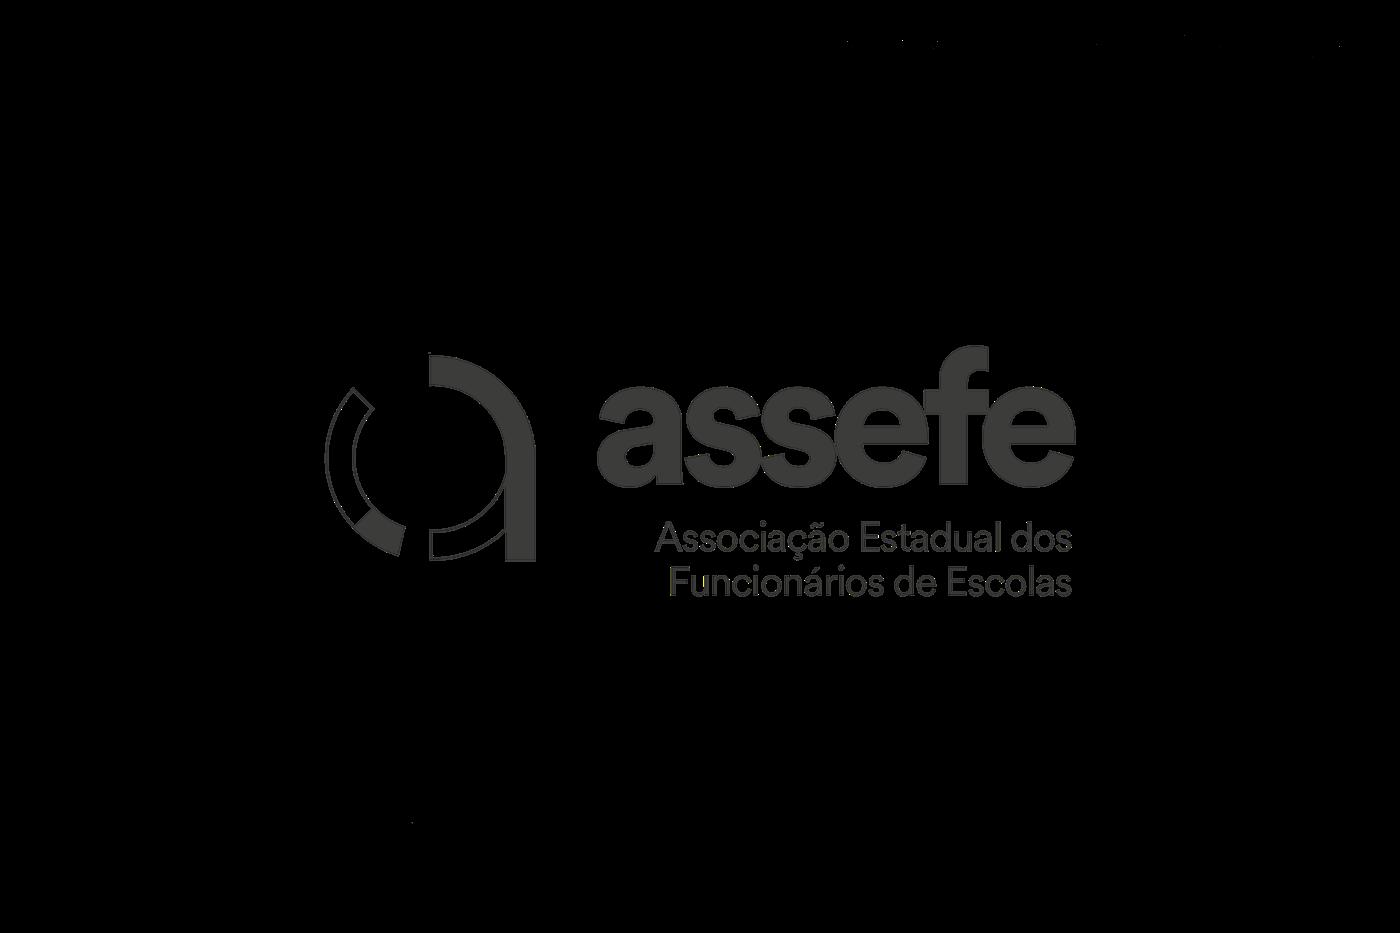 associação branding  design grafico graphic isotipo Logotipo marca rebranding